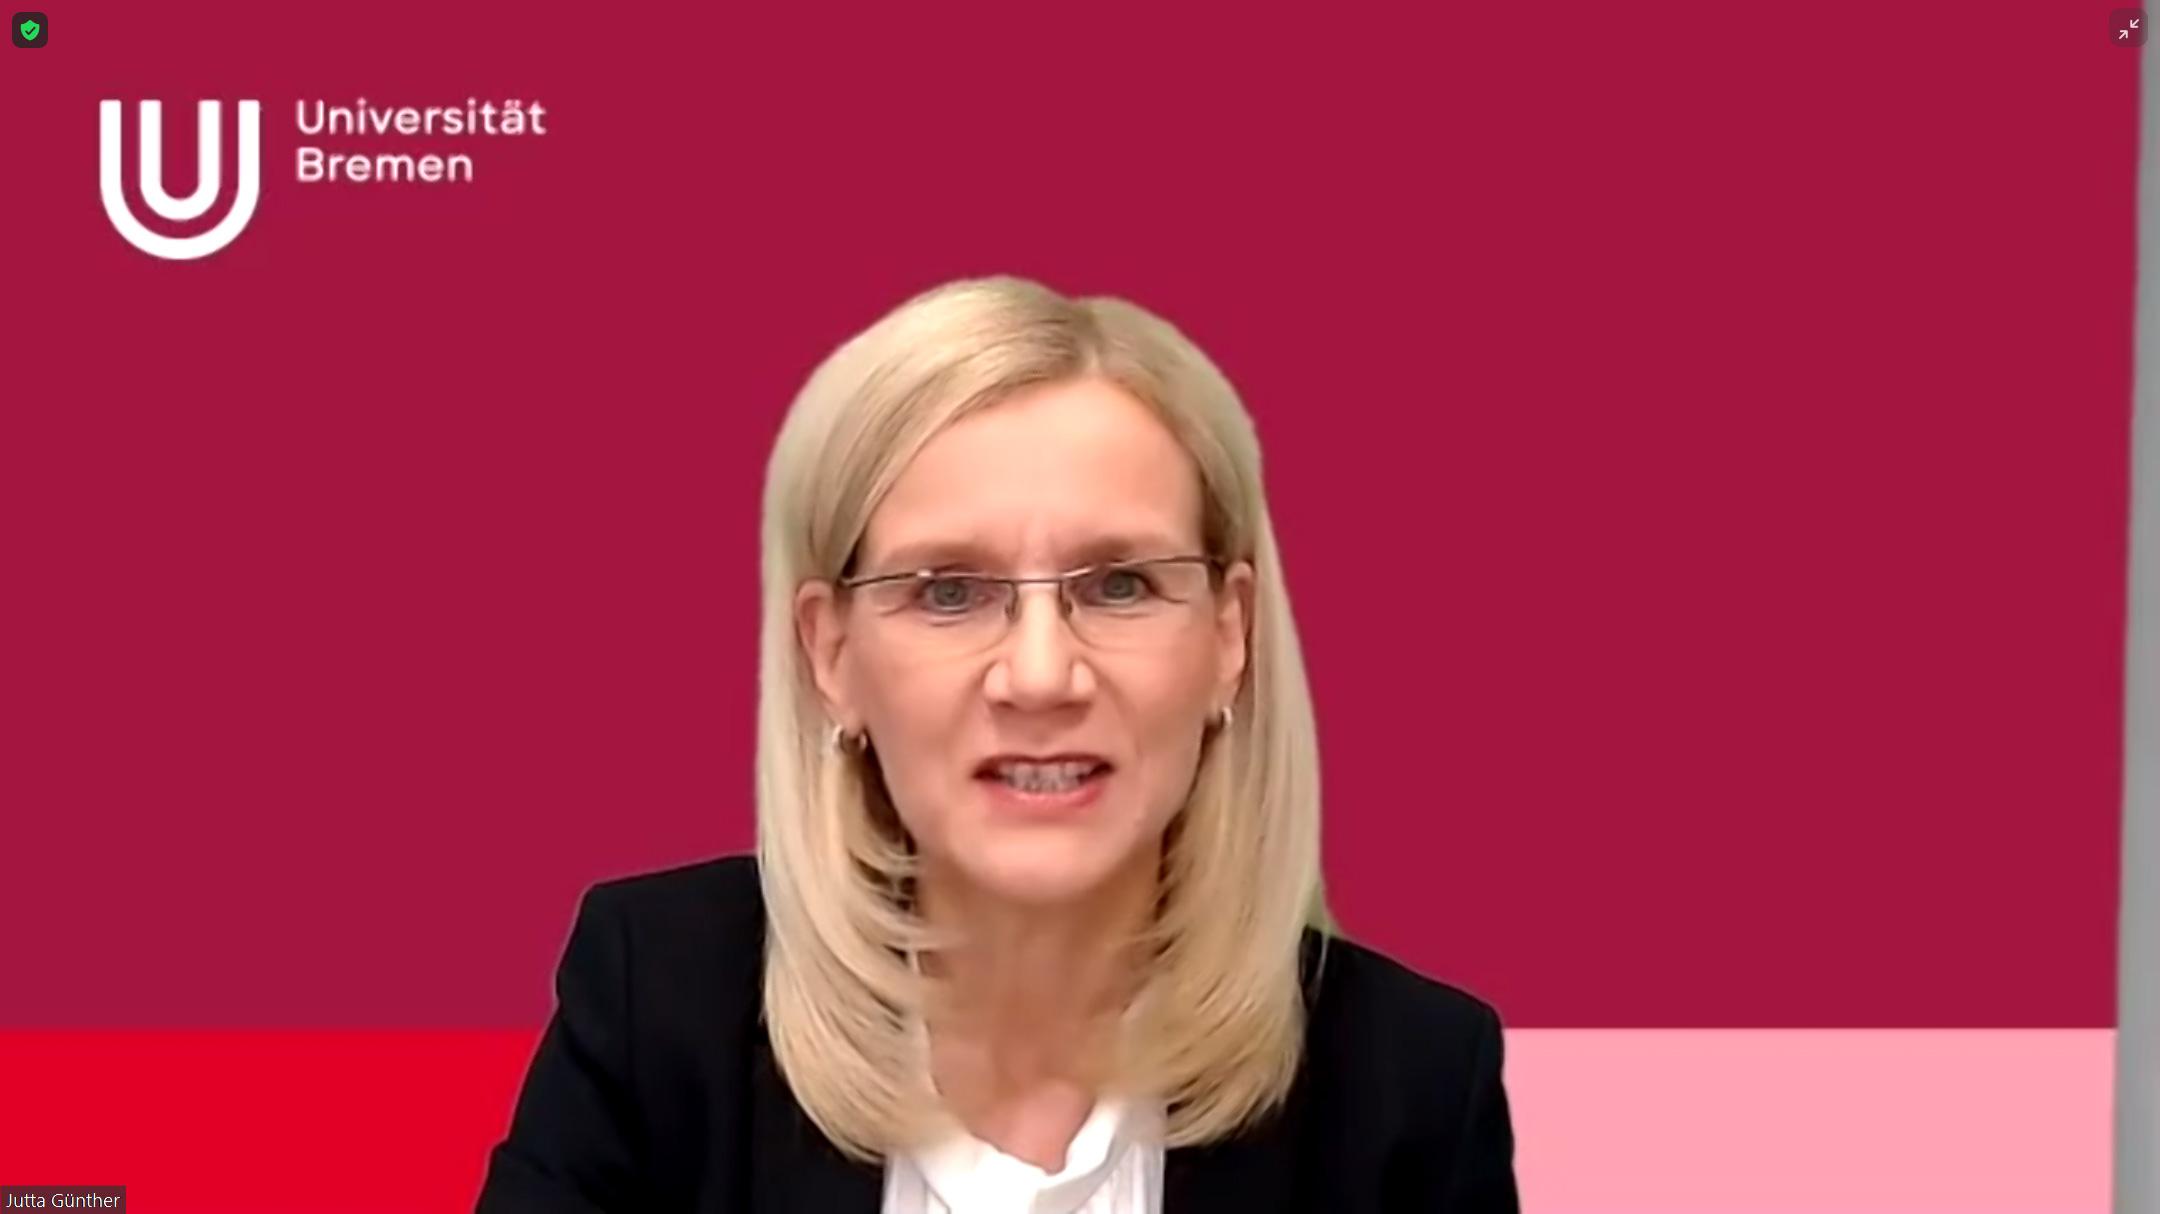 Jutta Günther